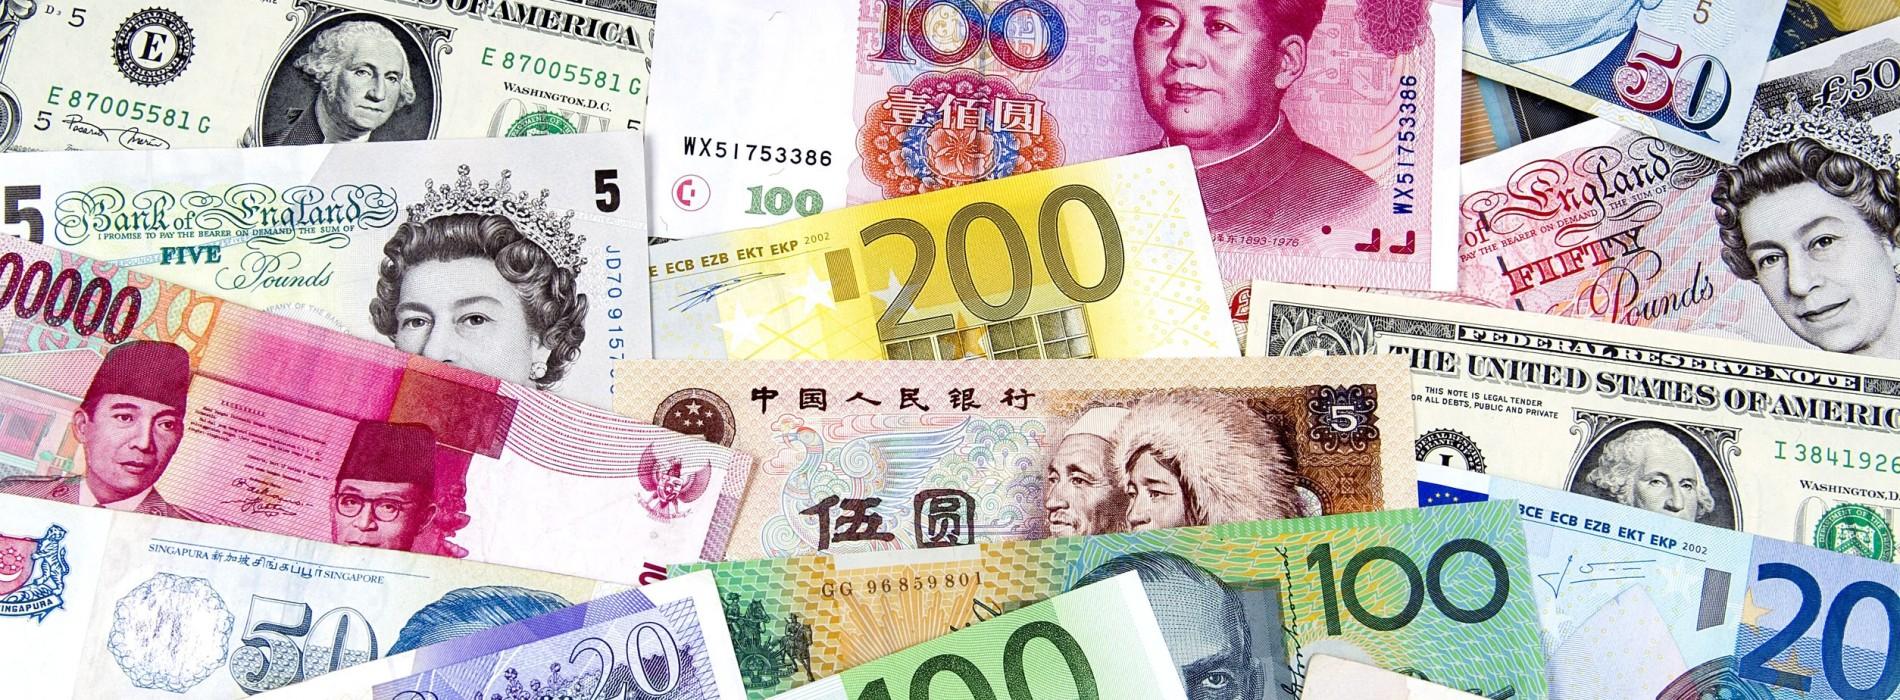 Kantor internetowy, wymiana walut online